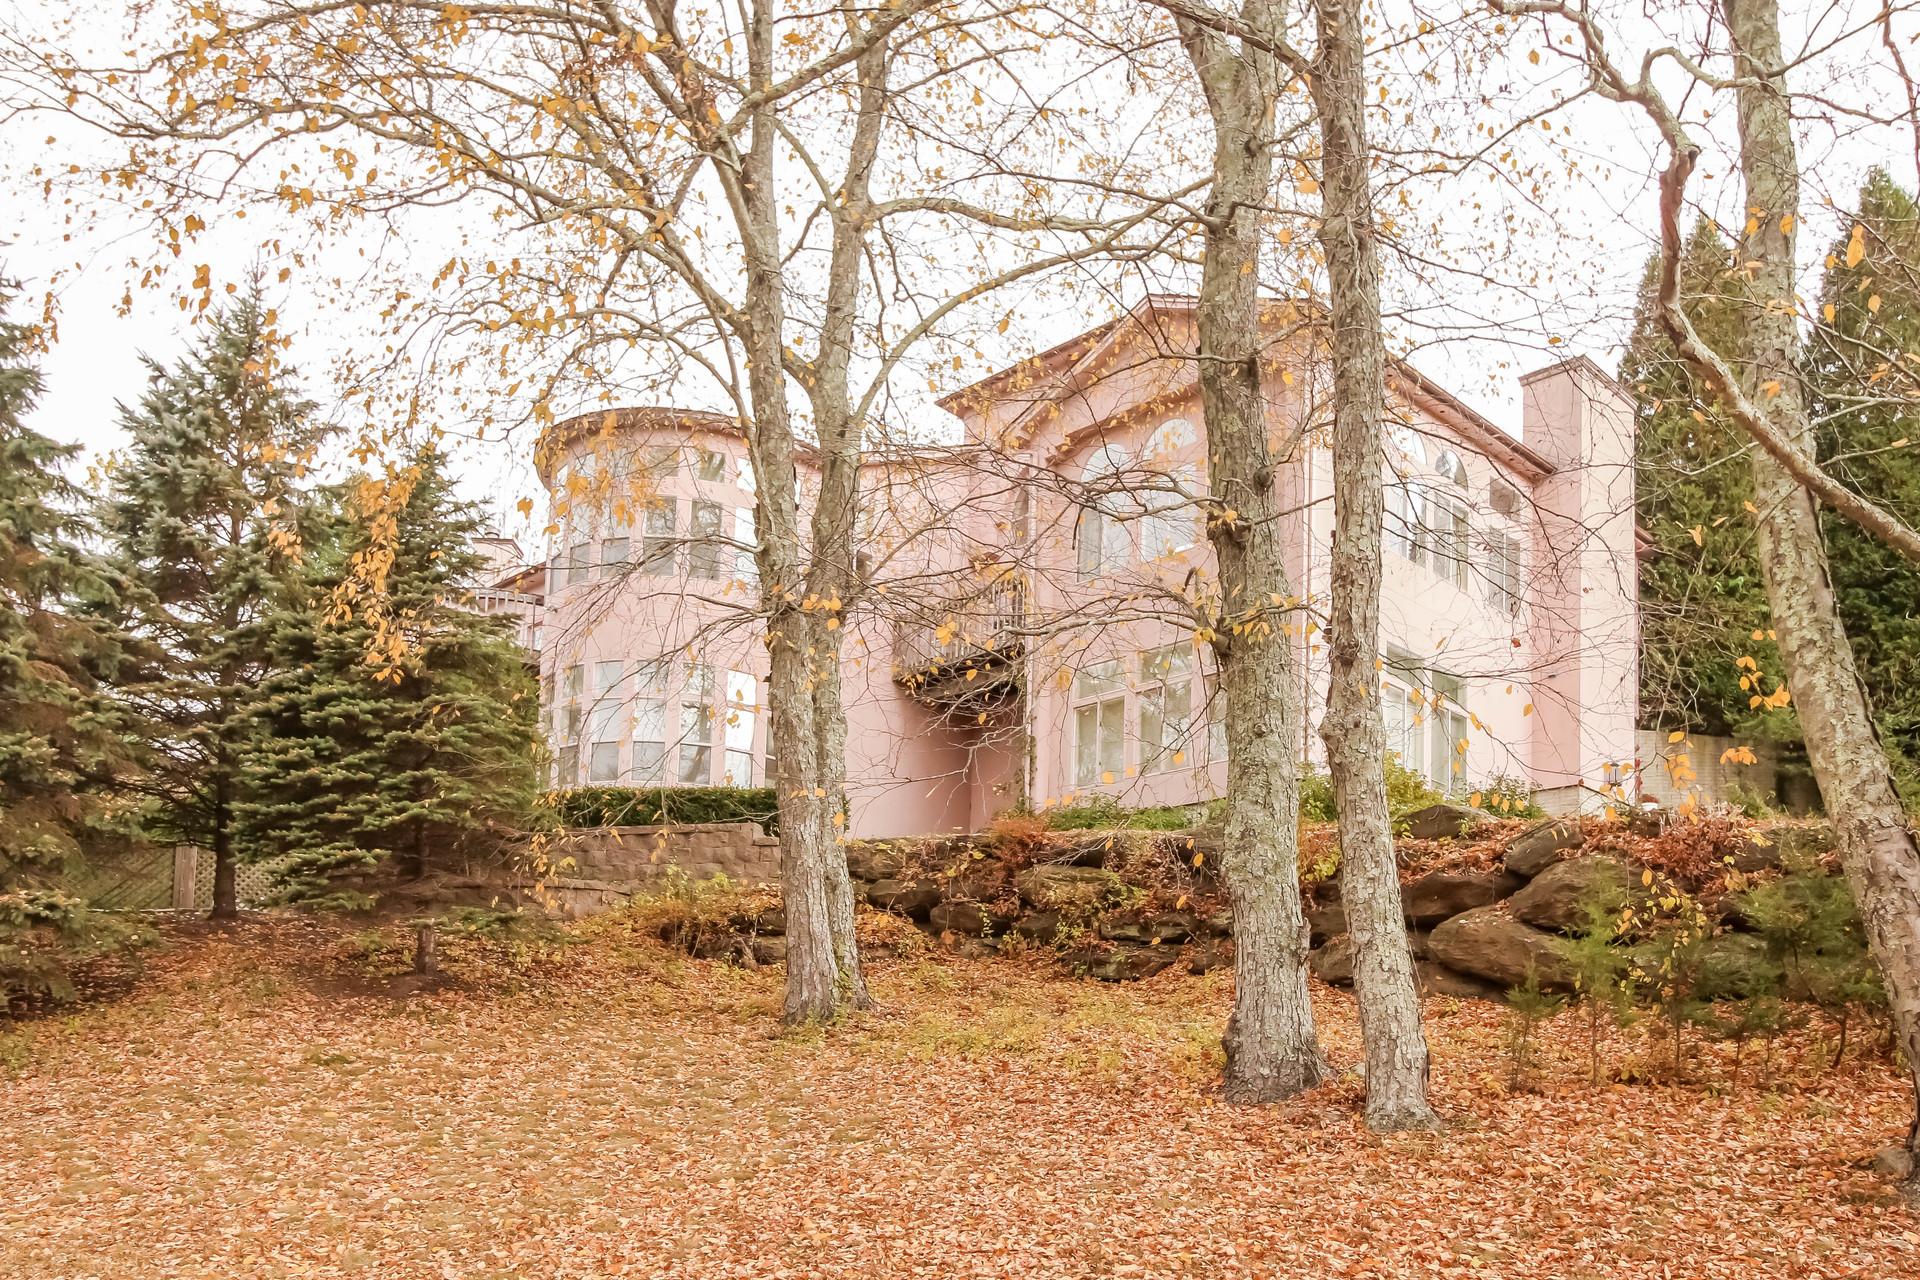 独户住宅 为 销售 在 Fabulous Countryside Retreat 6 Halpine Road 新米尔福德, 康涅狄格州 06776 美国